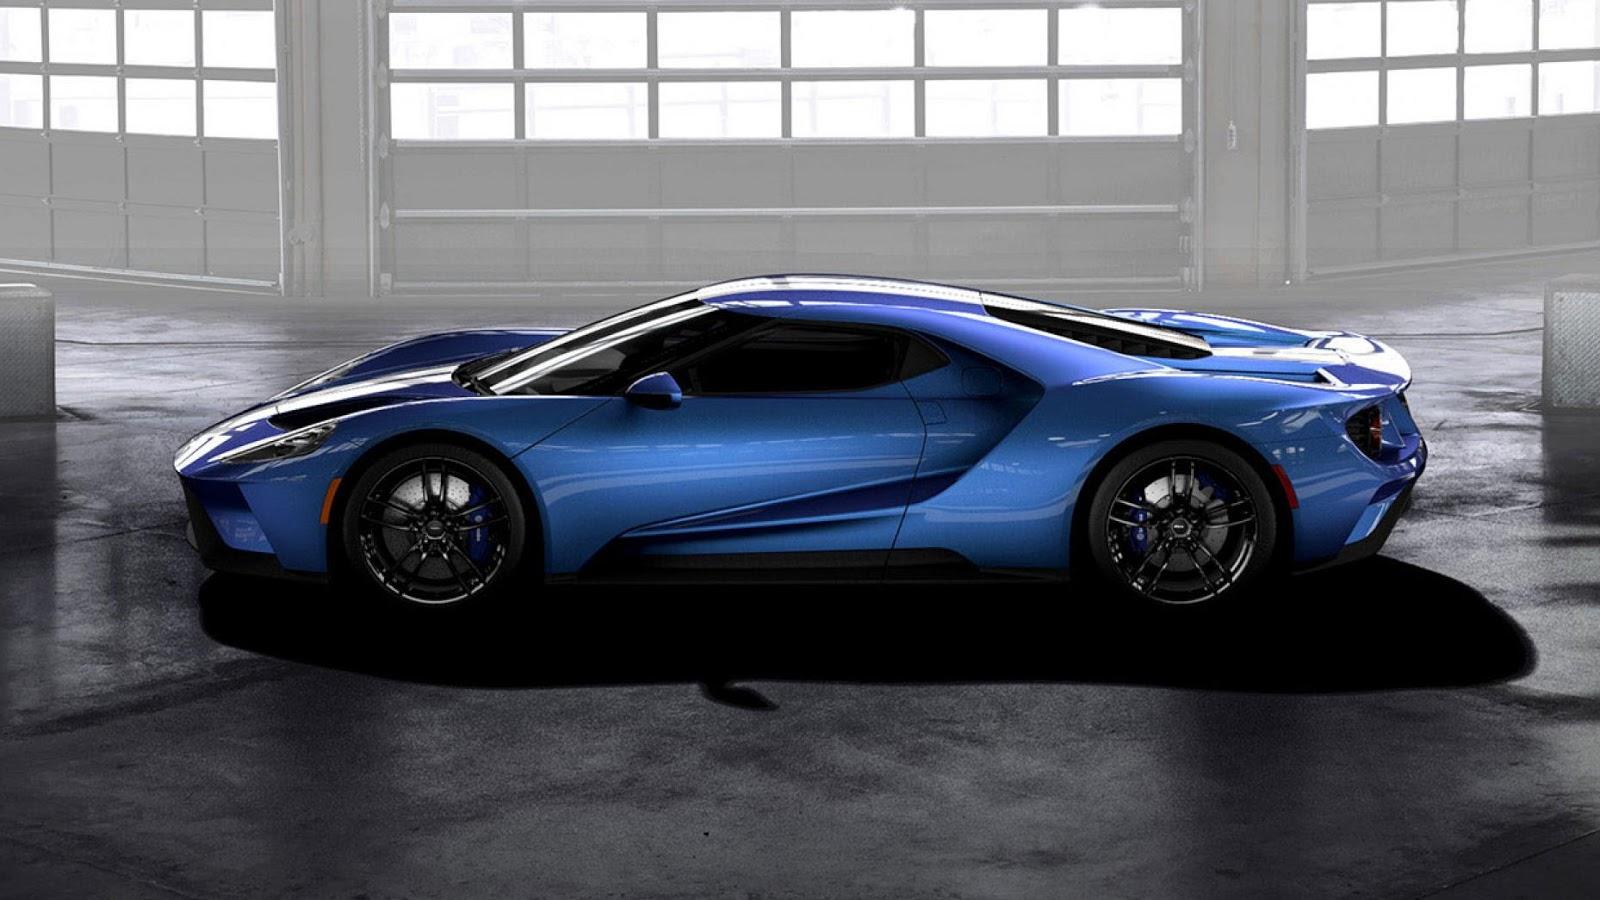 Cơ hội sở hữu siêu xe Ford GT sẽ cực kỳ thấp?